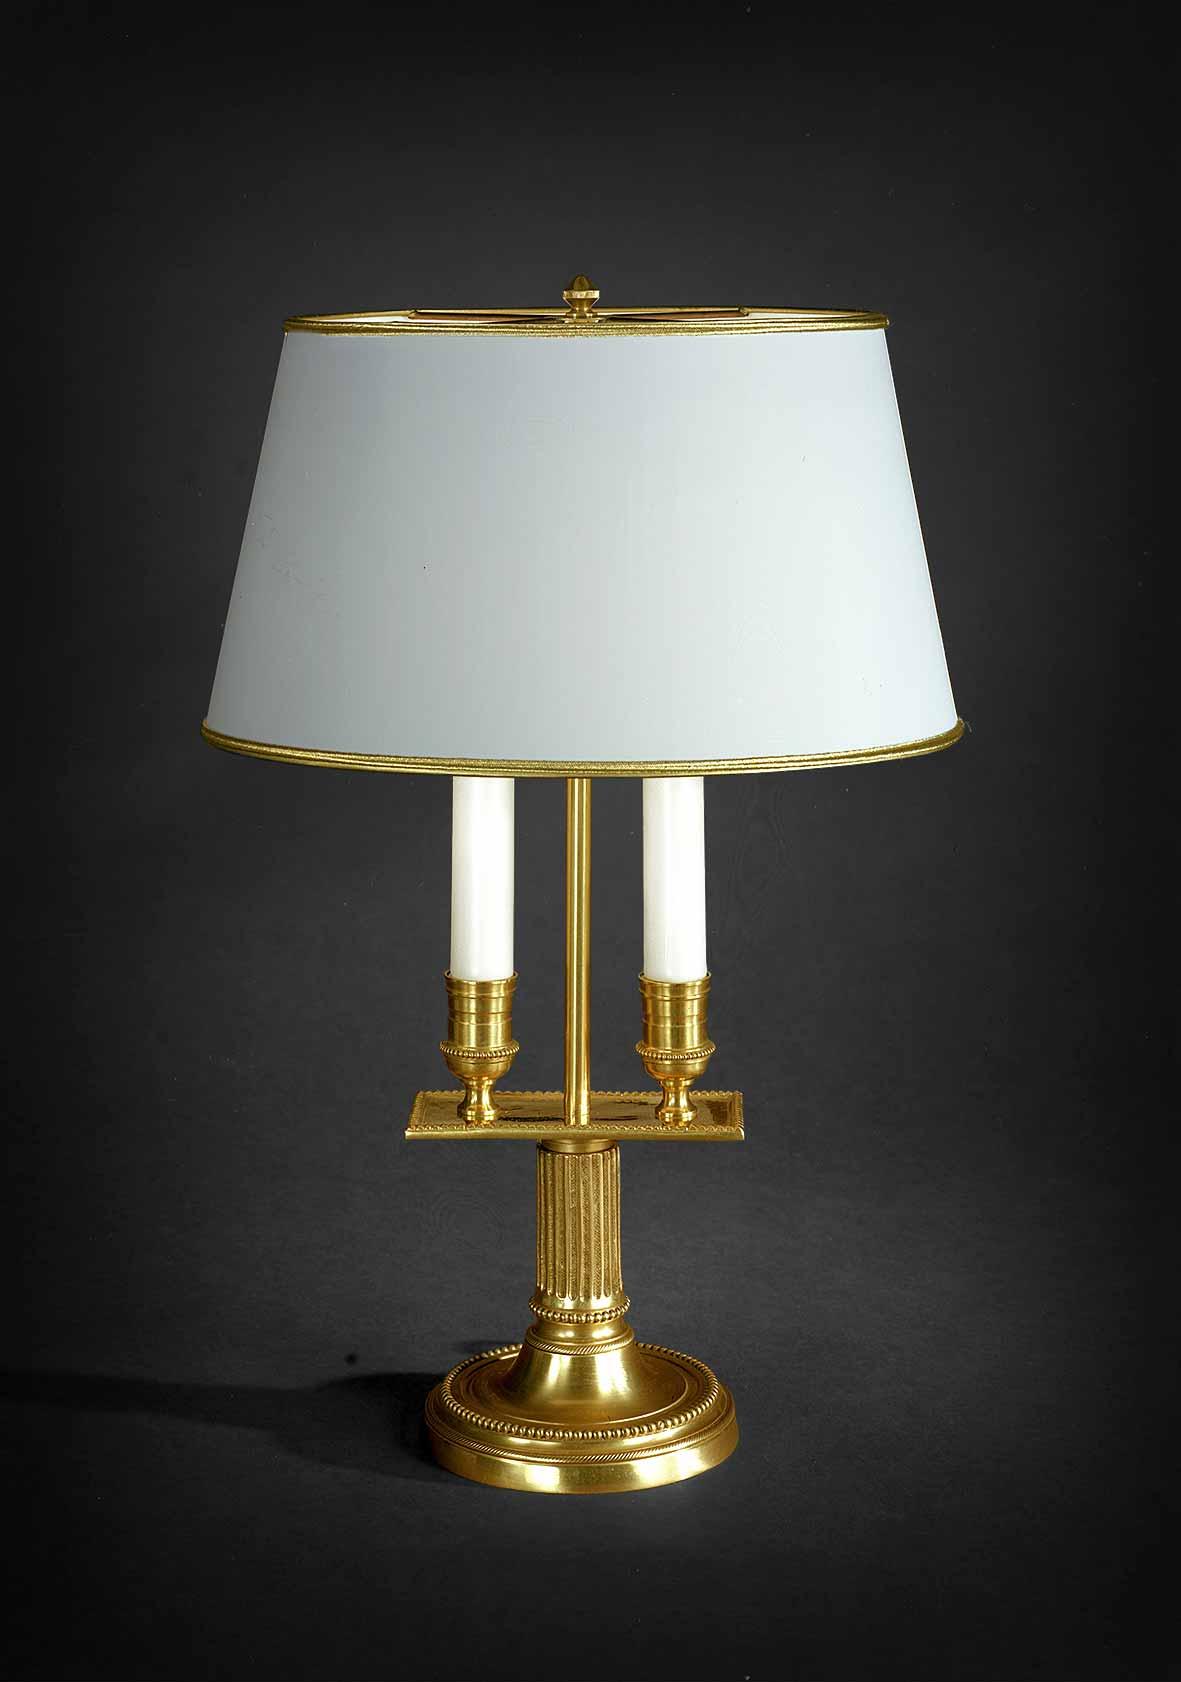 Lampes & lampadaires - 1693